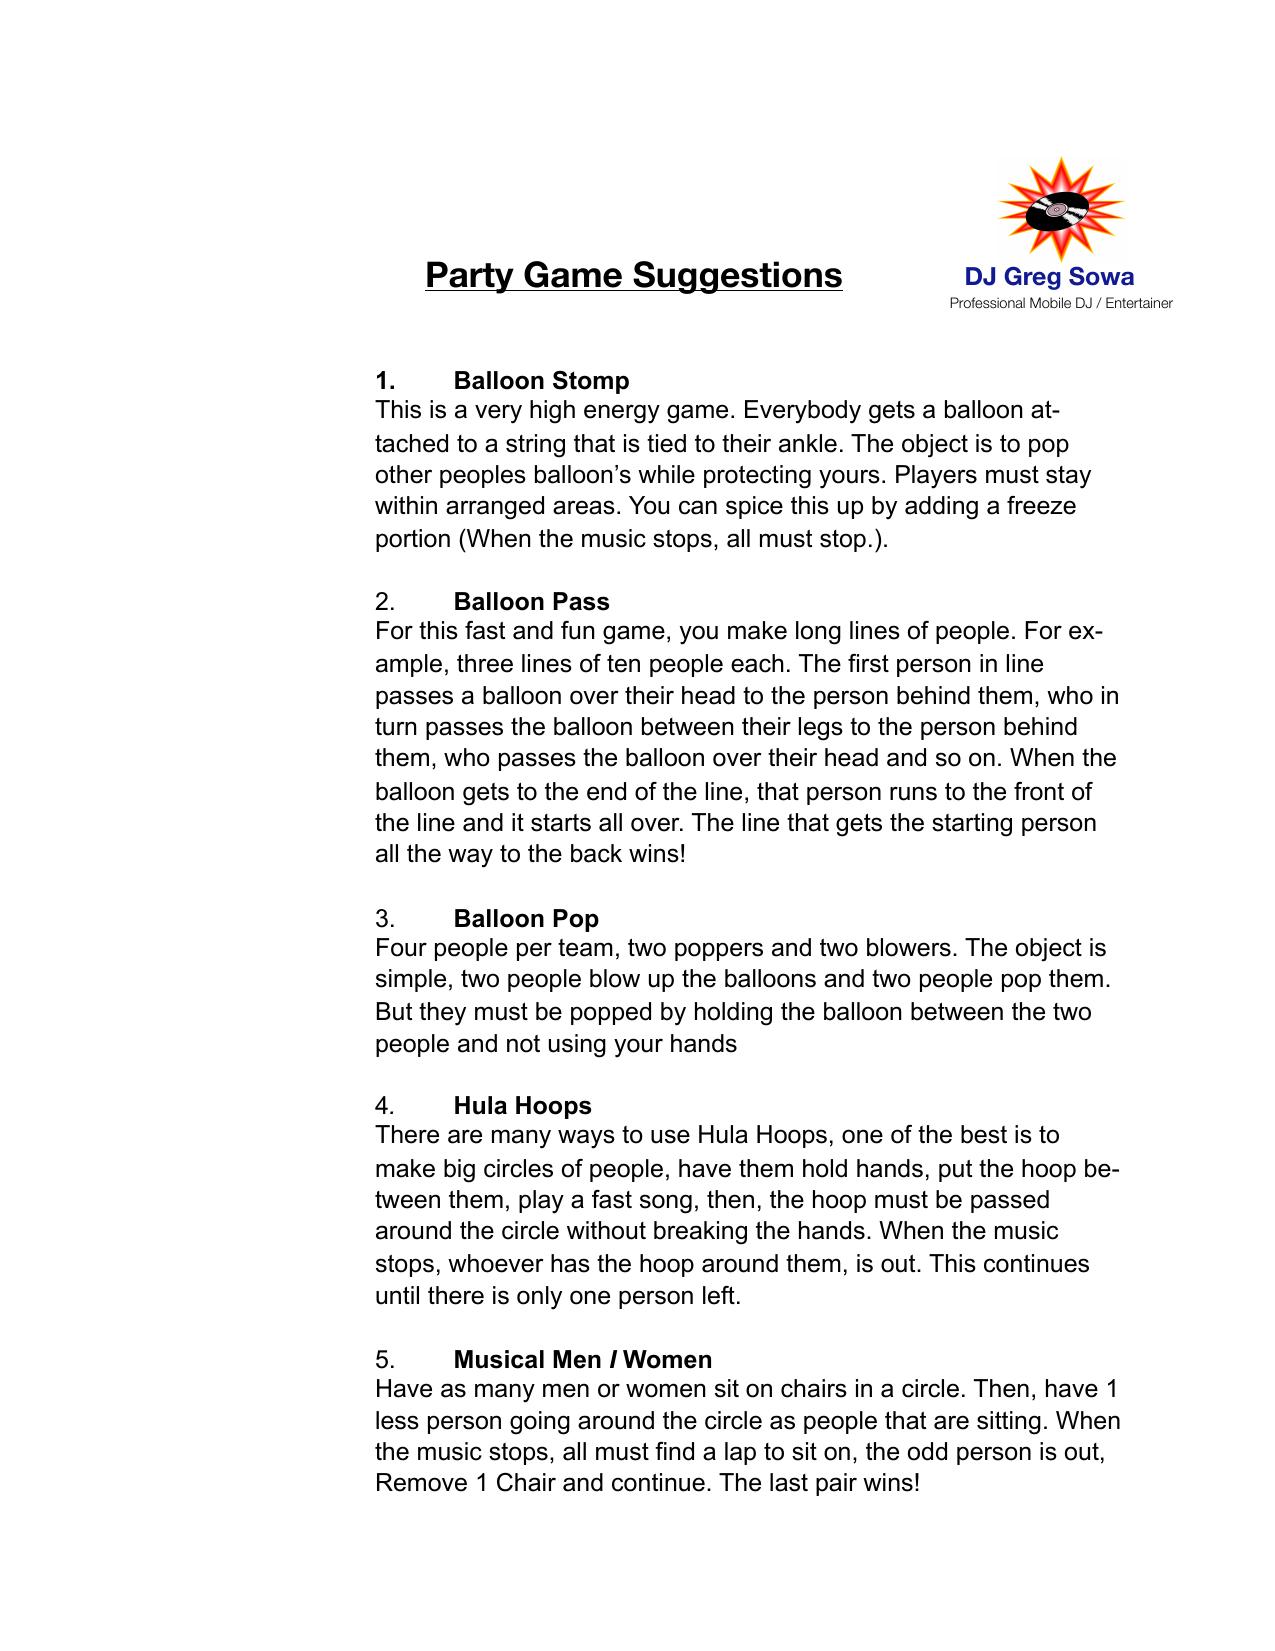 Party Games - DJ Greg Sowa | manualzz com